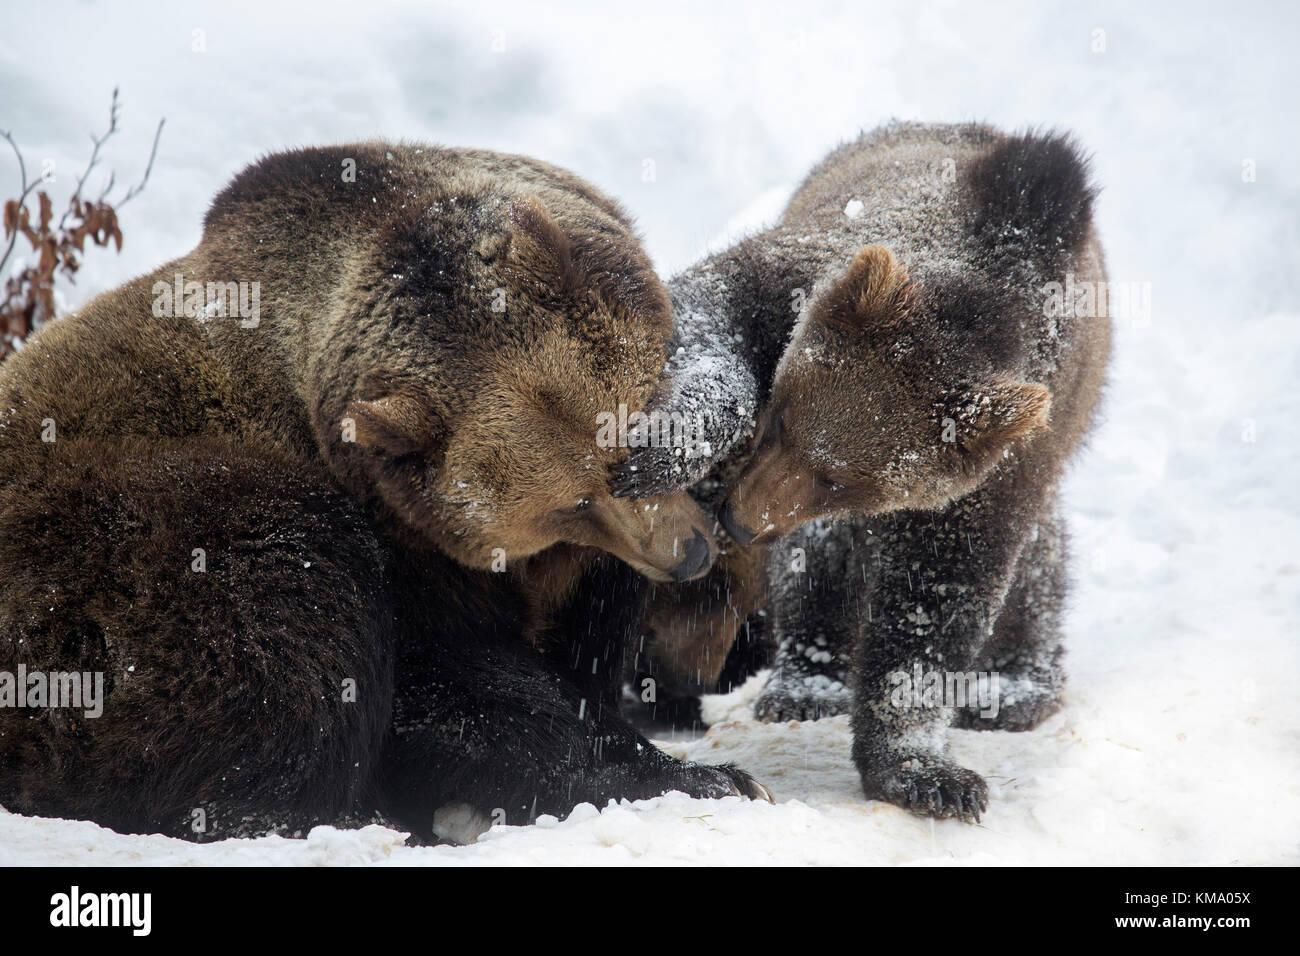 Femme jouant avec un ans cub ours brun (Ursus arctos arctos) dans la neige en hiver Photo Stock